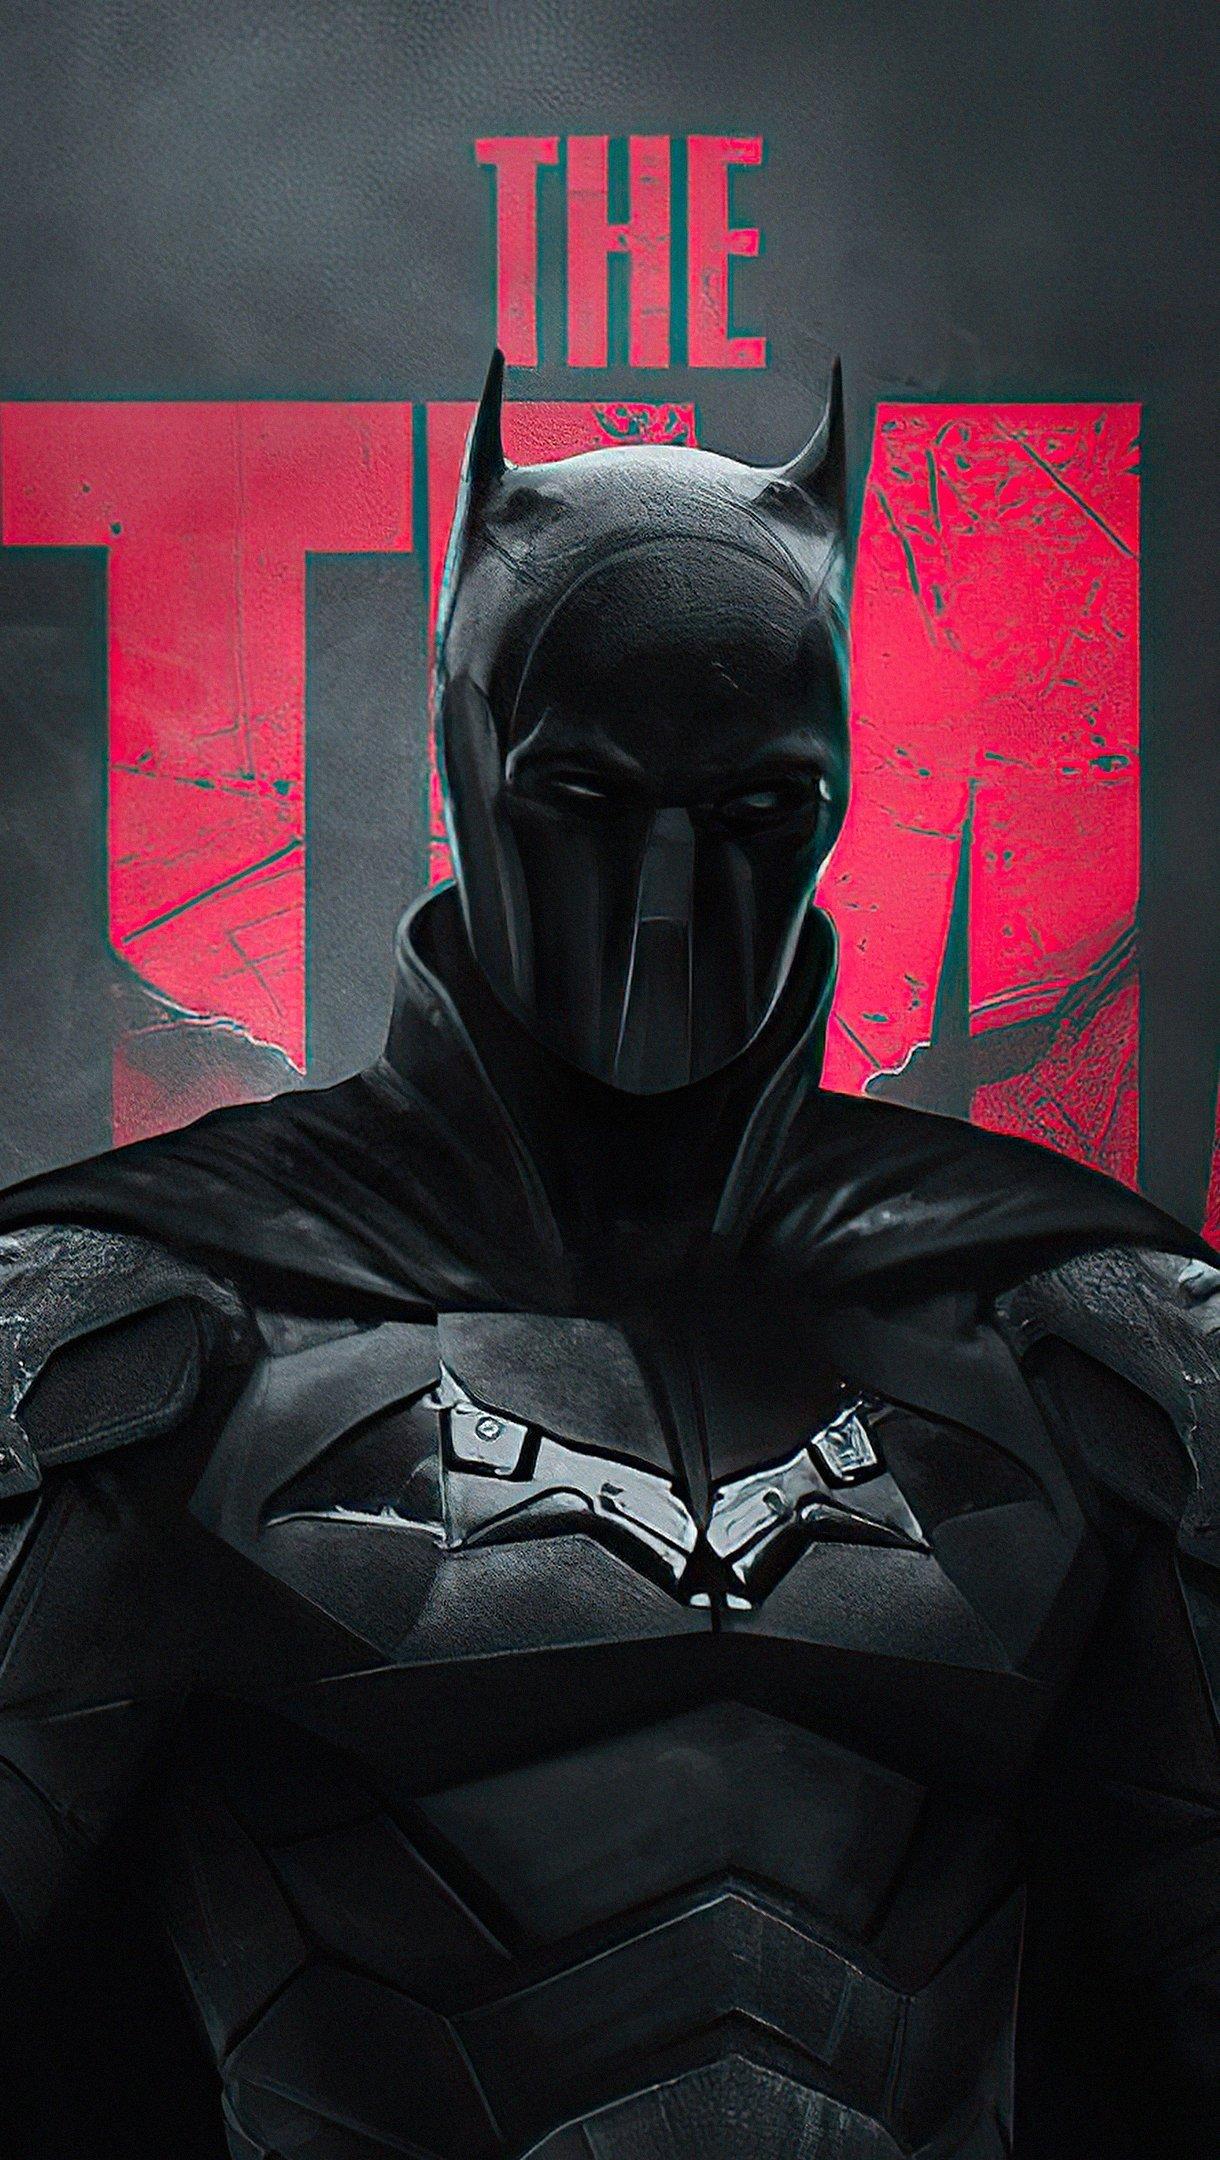 Wallpaper The Batman DC Darkness Vertical